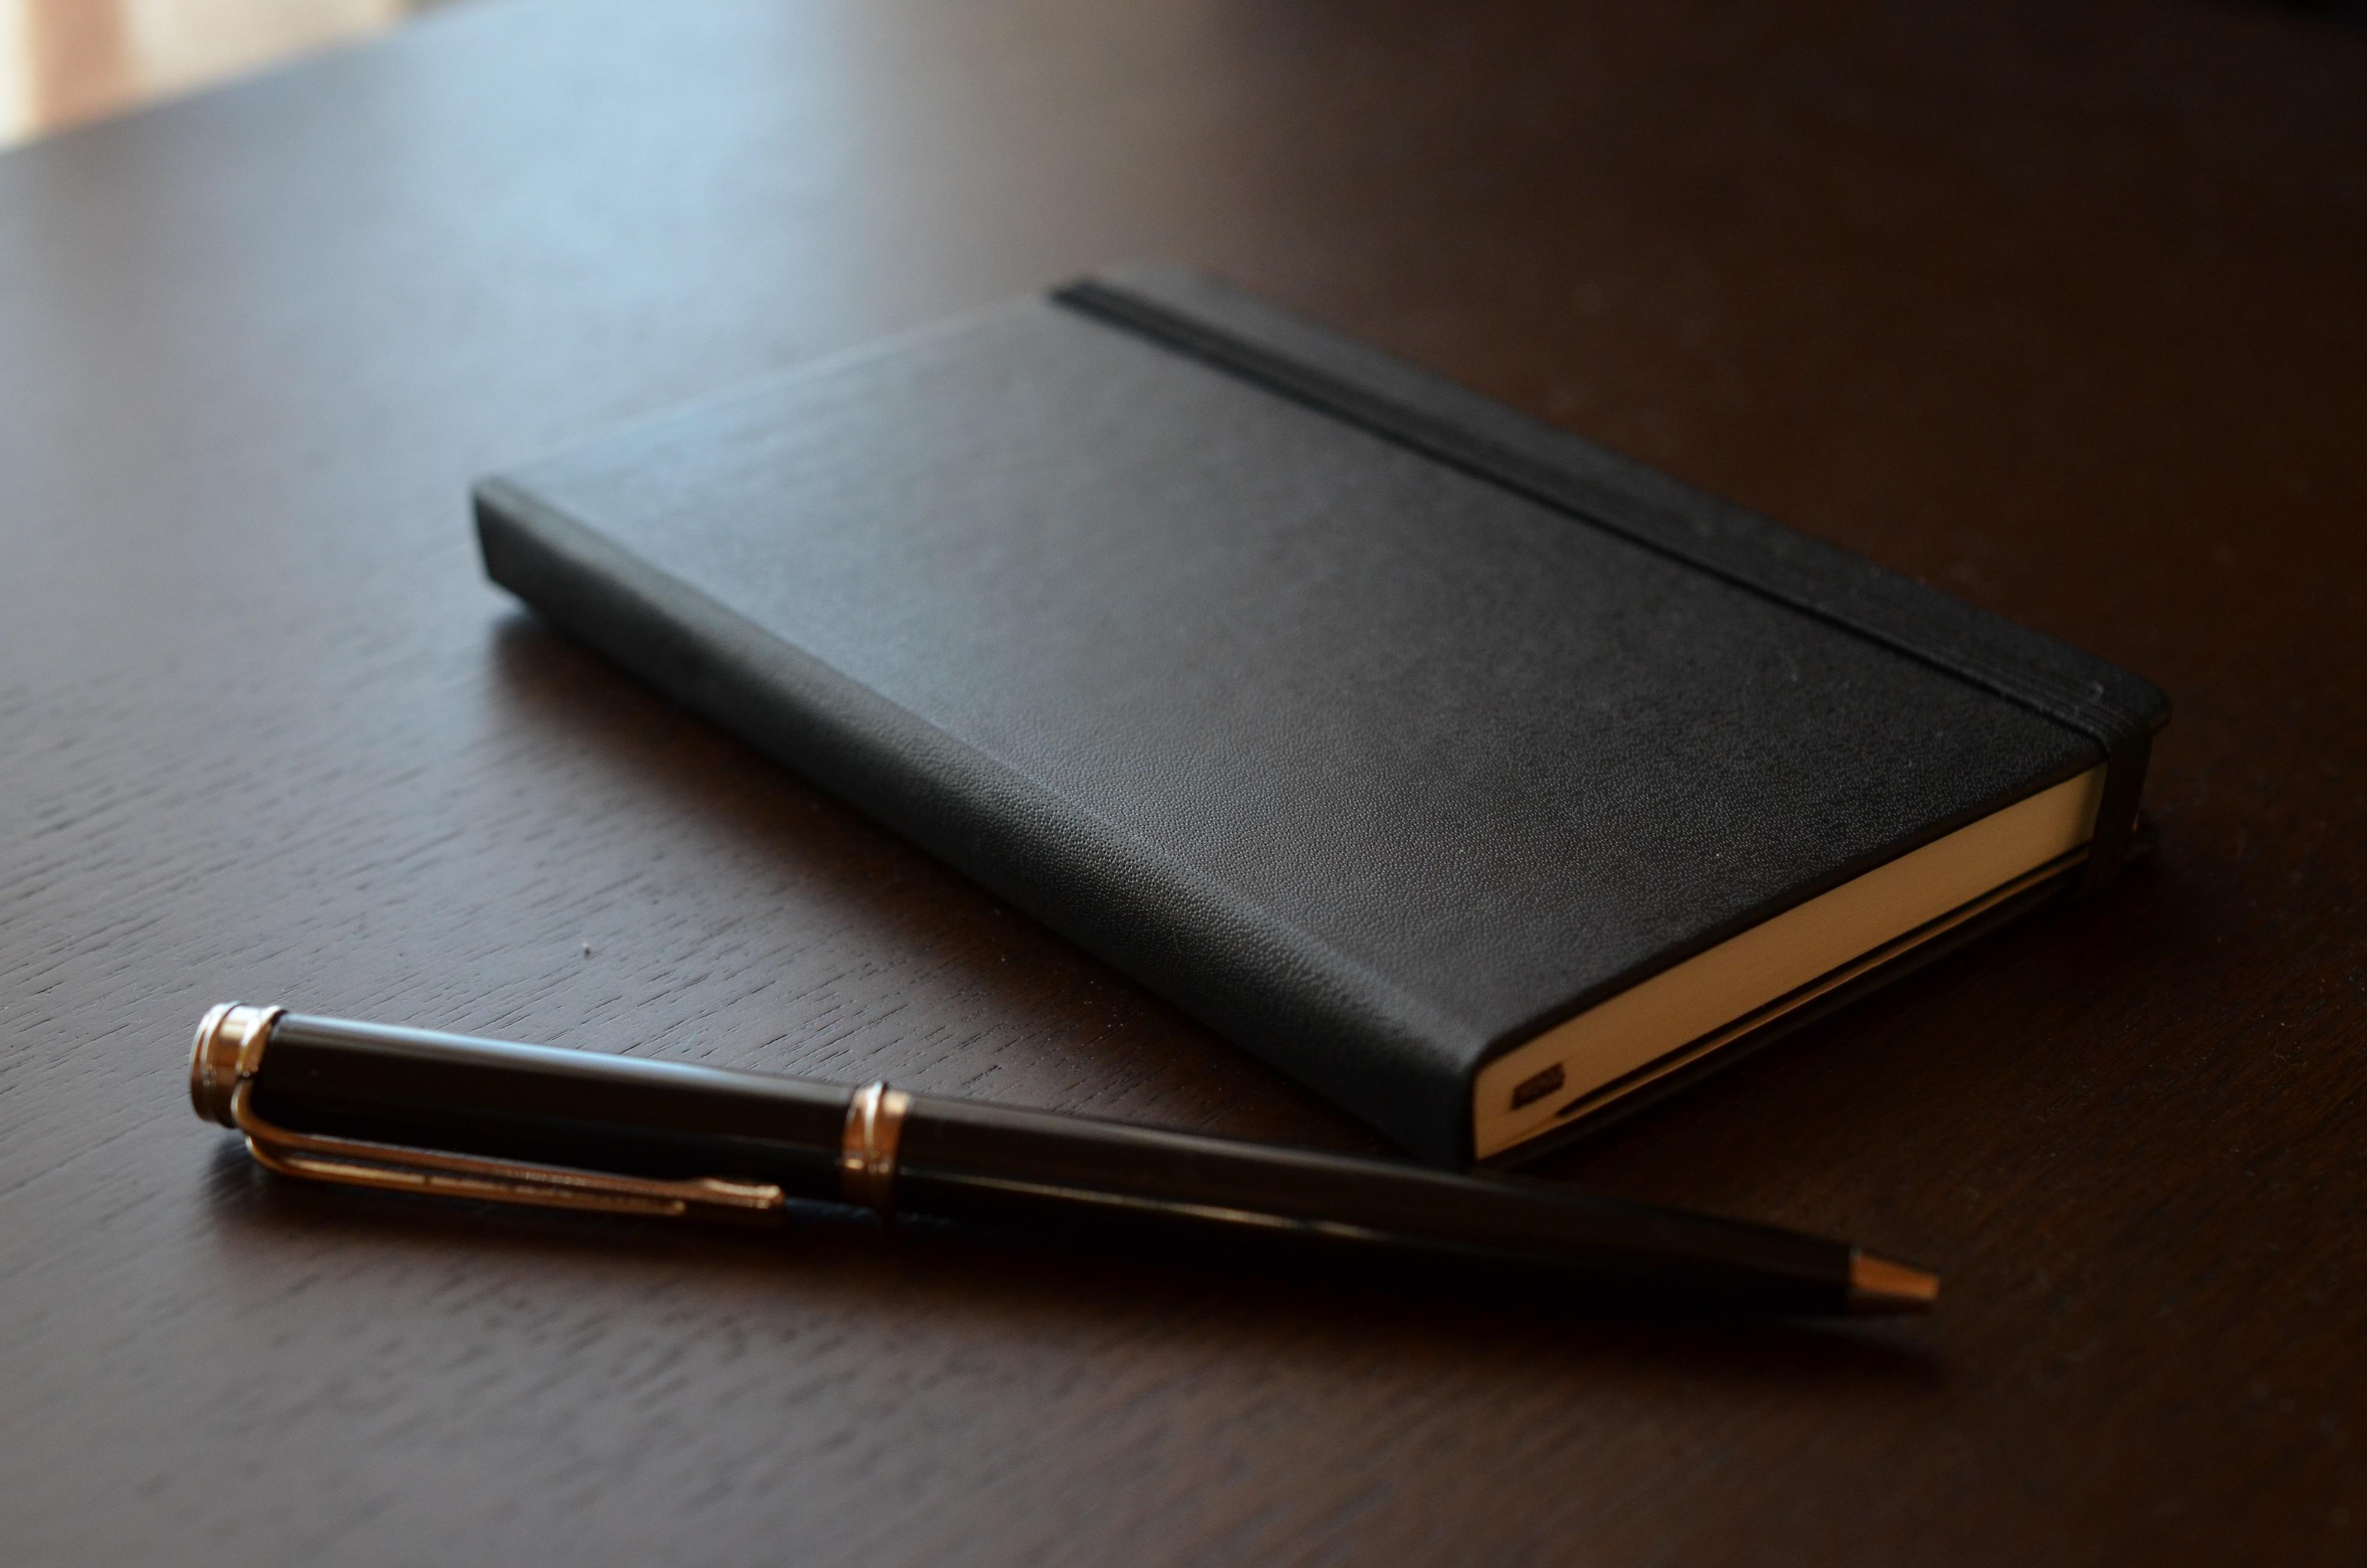 アプリを使って日記が楽に書けた僕のやり方。